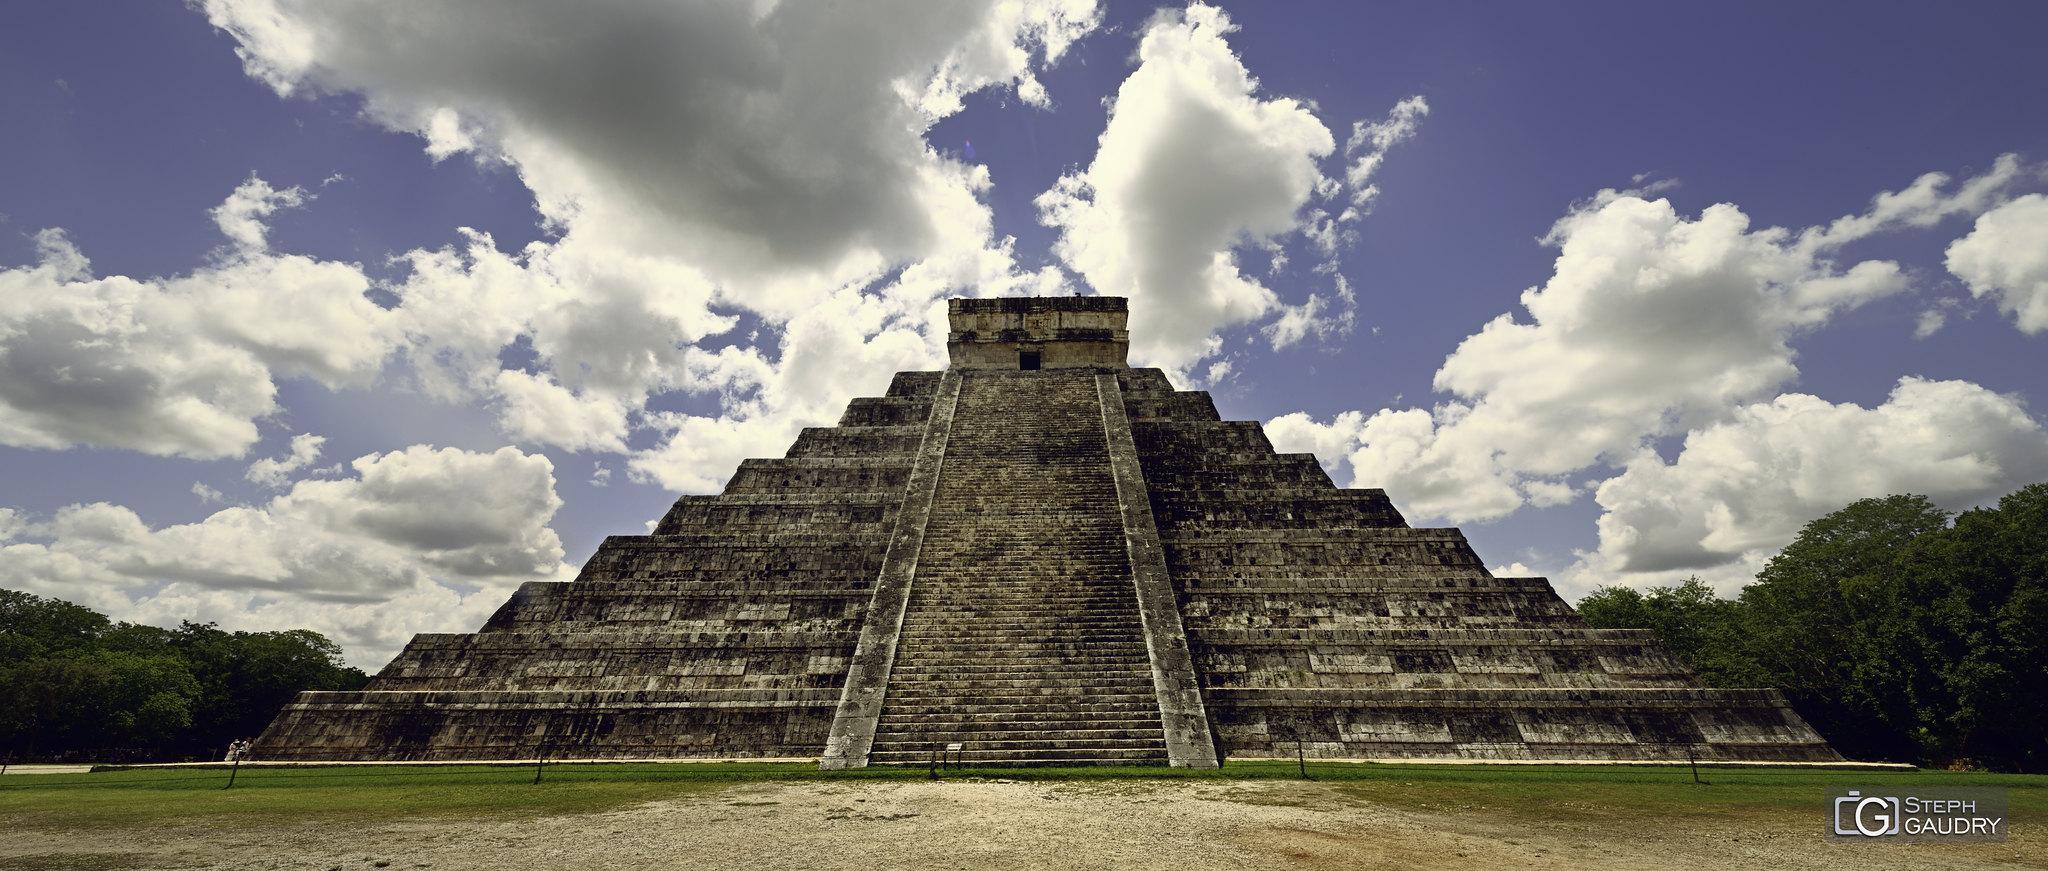 Chichen Itza - El Castillo (pyramide de Kukulcán) [Cliquez pour lancer le diaporama]